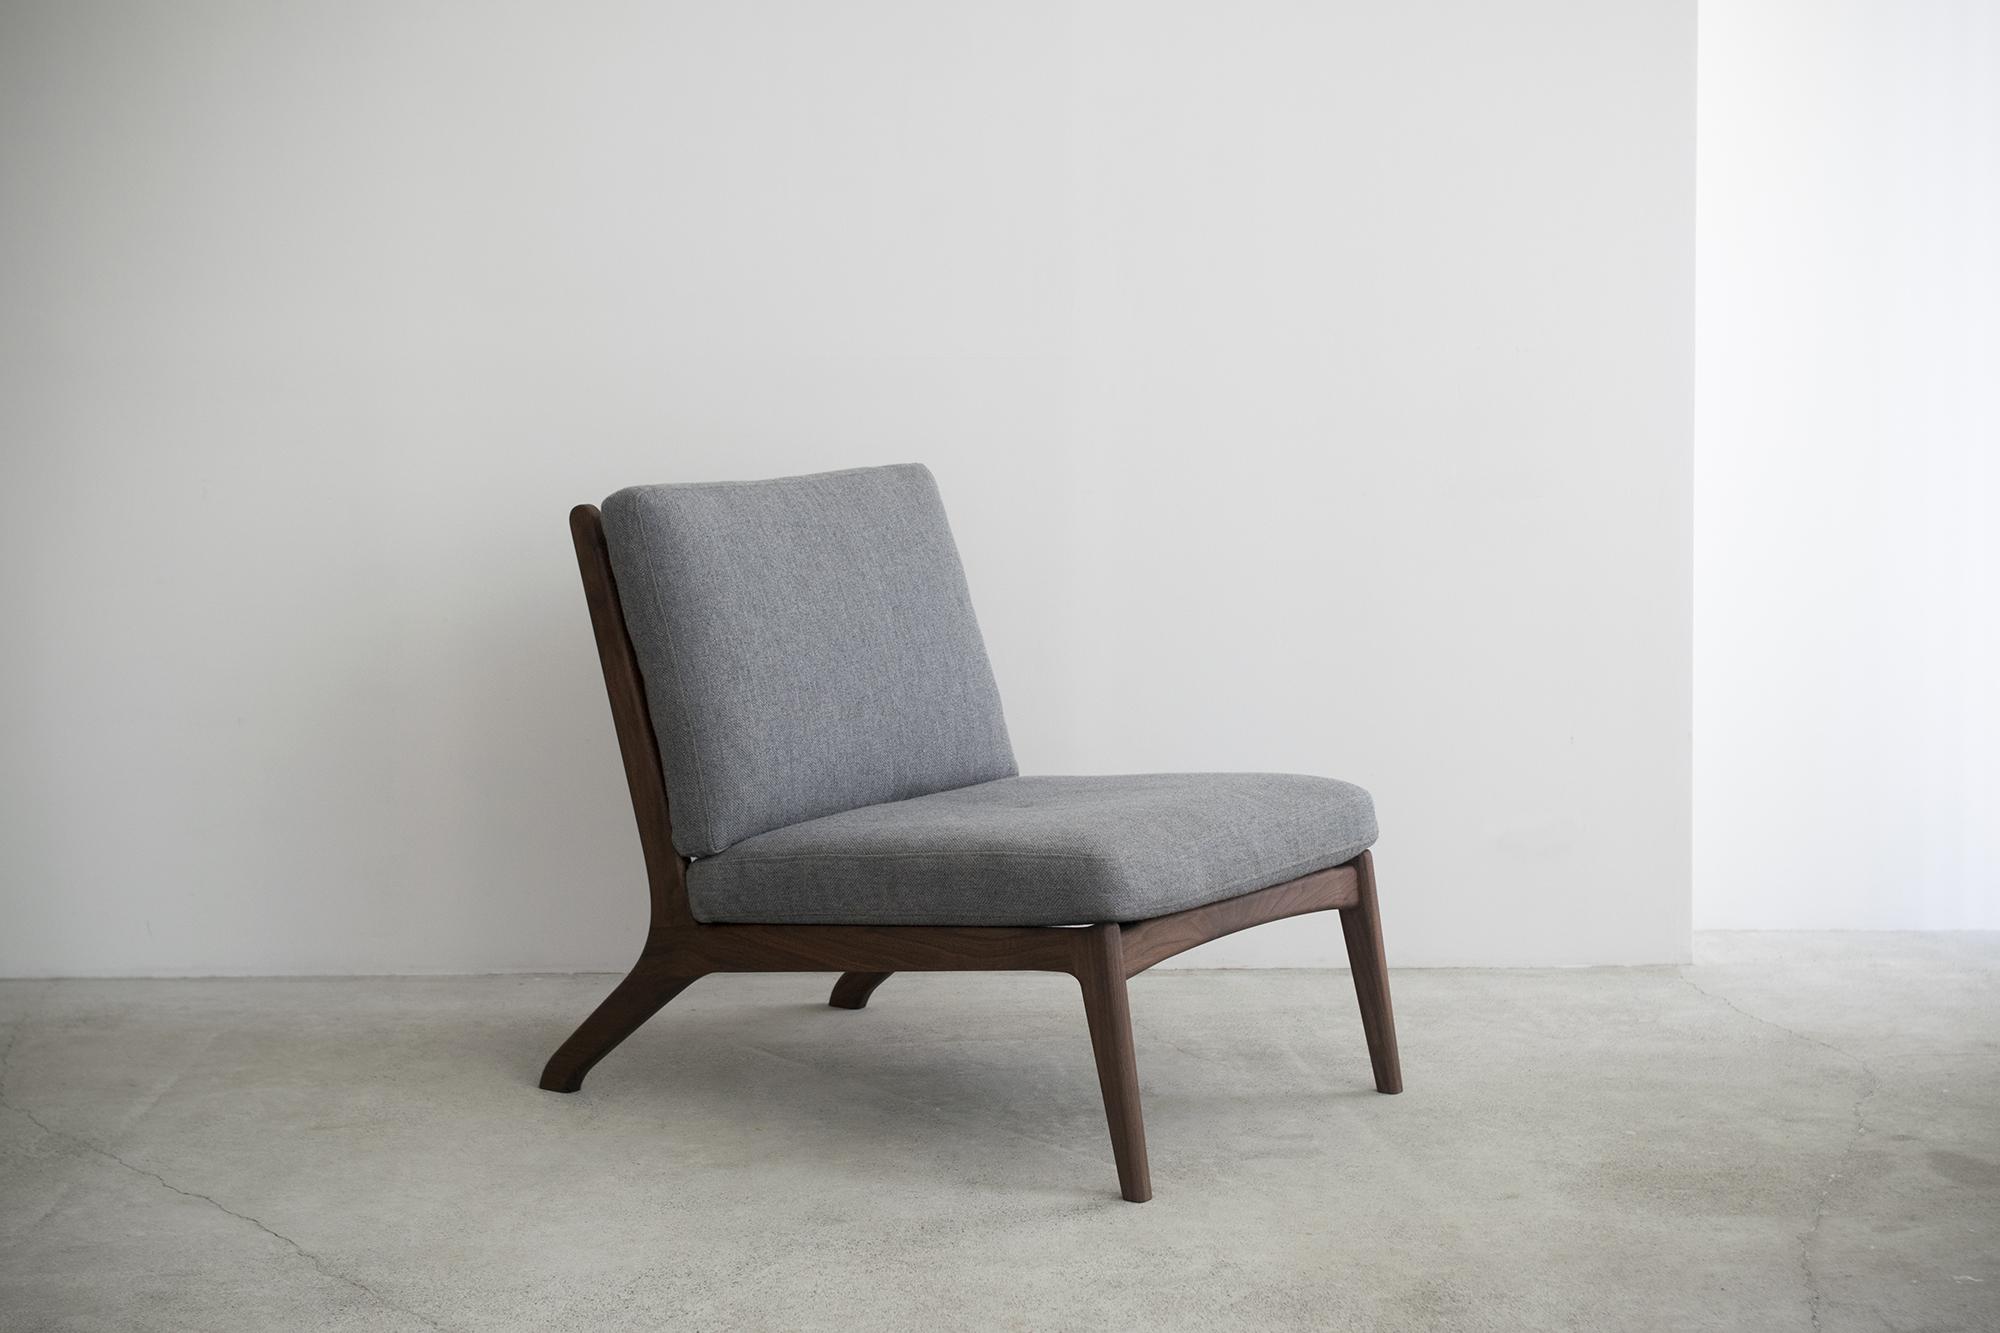 木製フレームにやわらかなシートを組み合わせた、くつろいで座るためのソファ